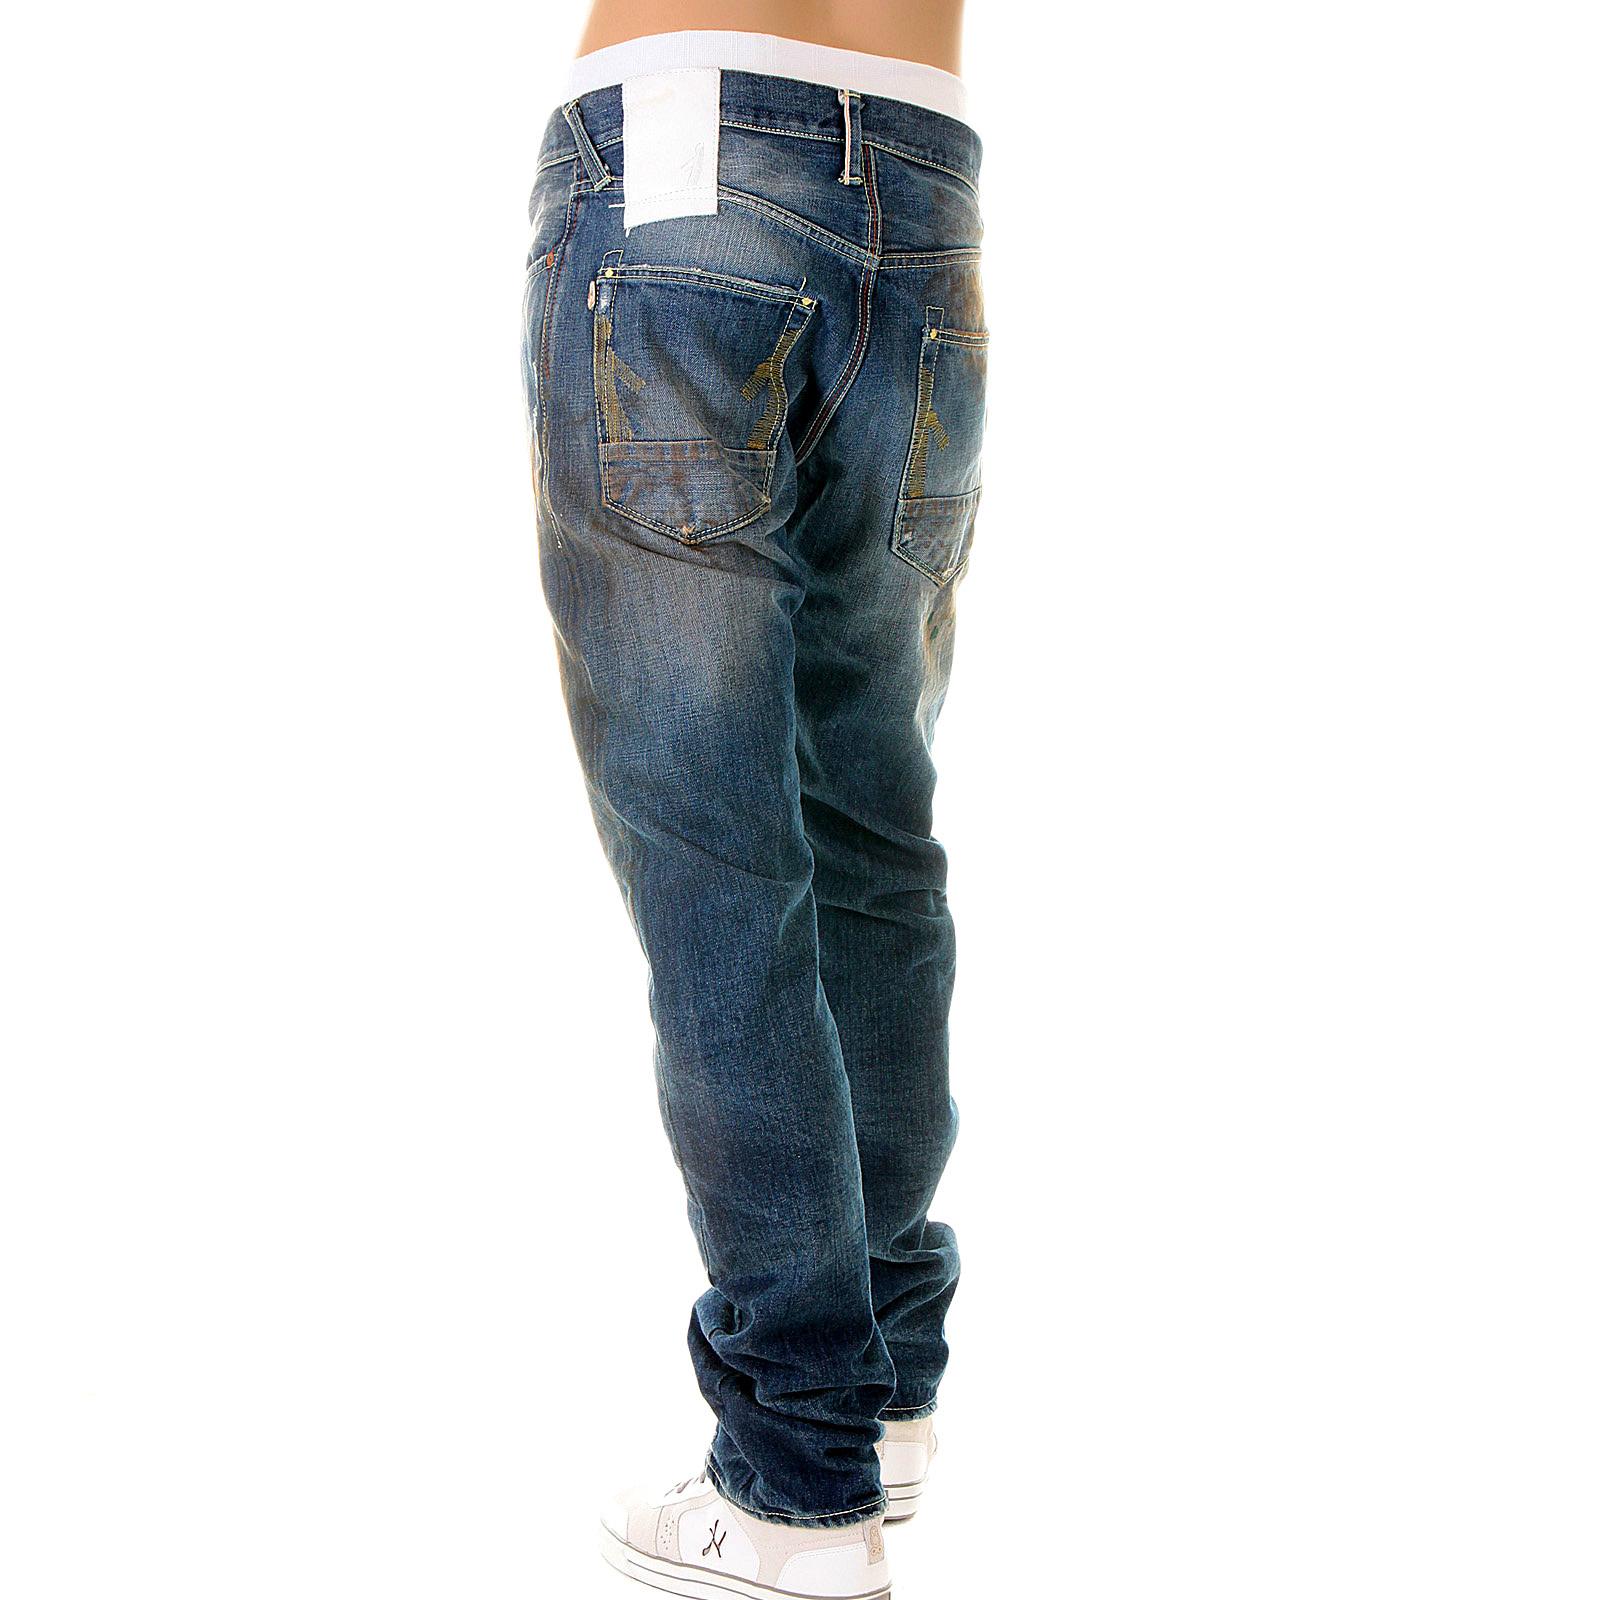 Ijin Jeans J5208 23L13 Verrt wash Denim Jean IJIN5266